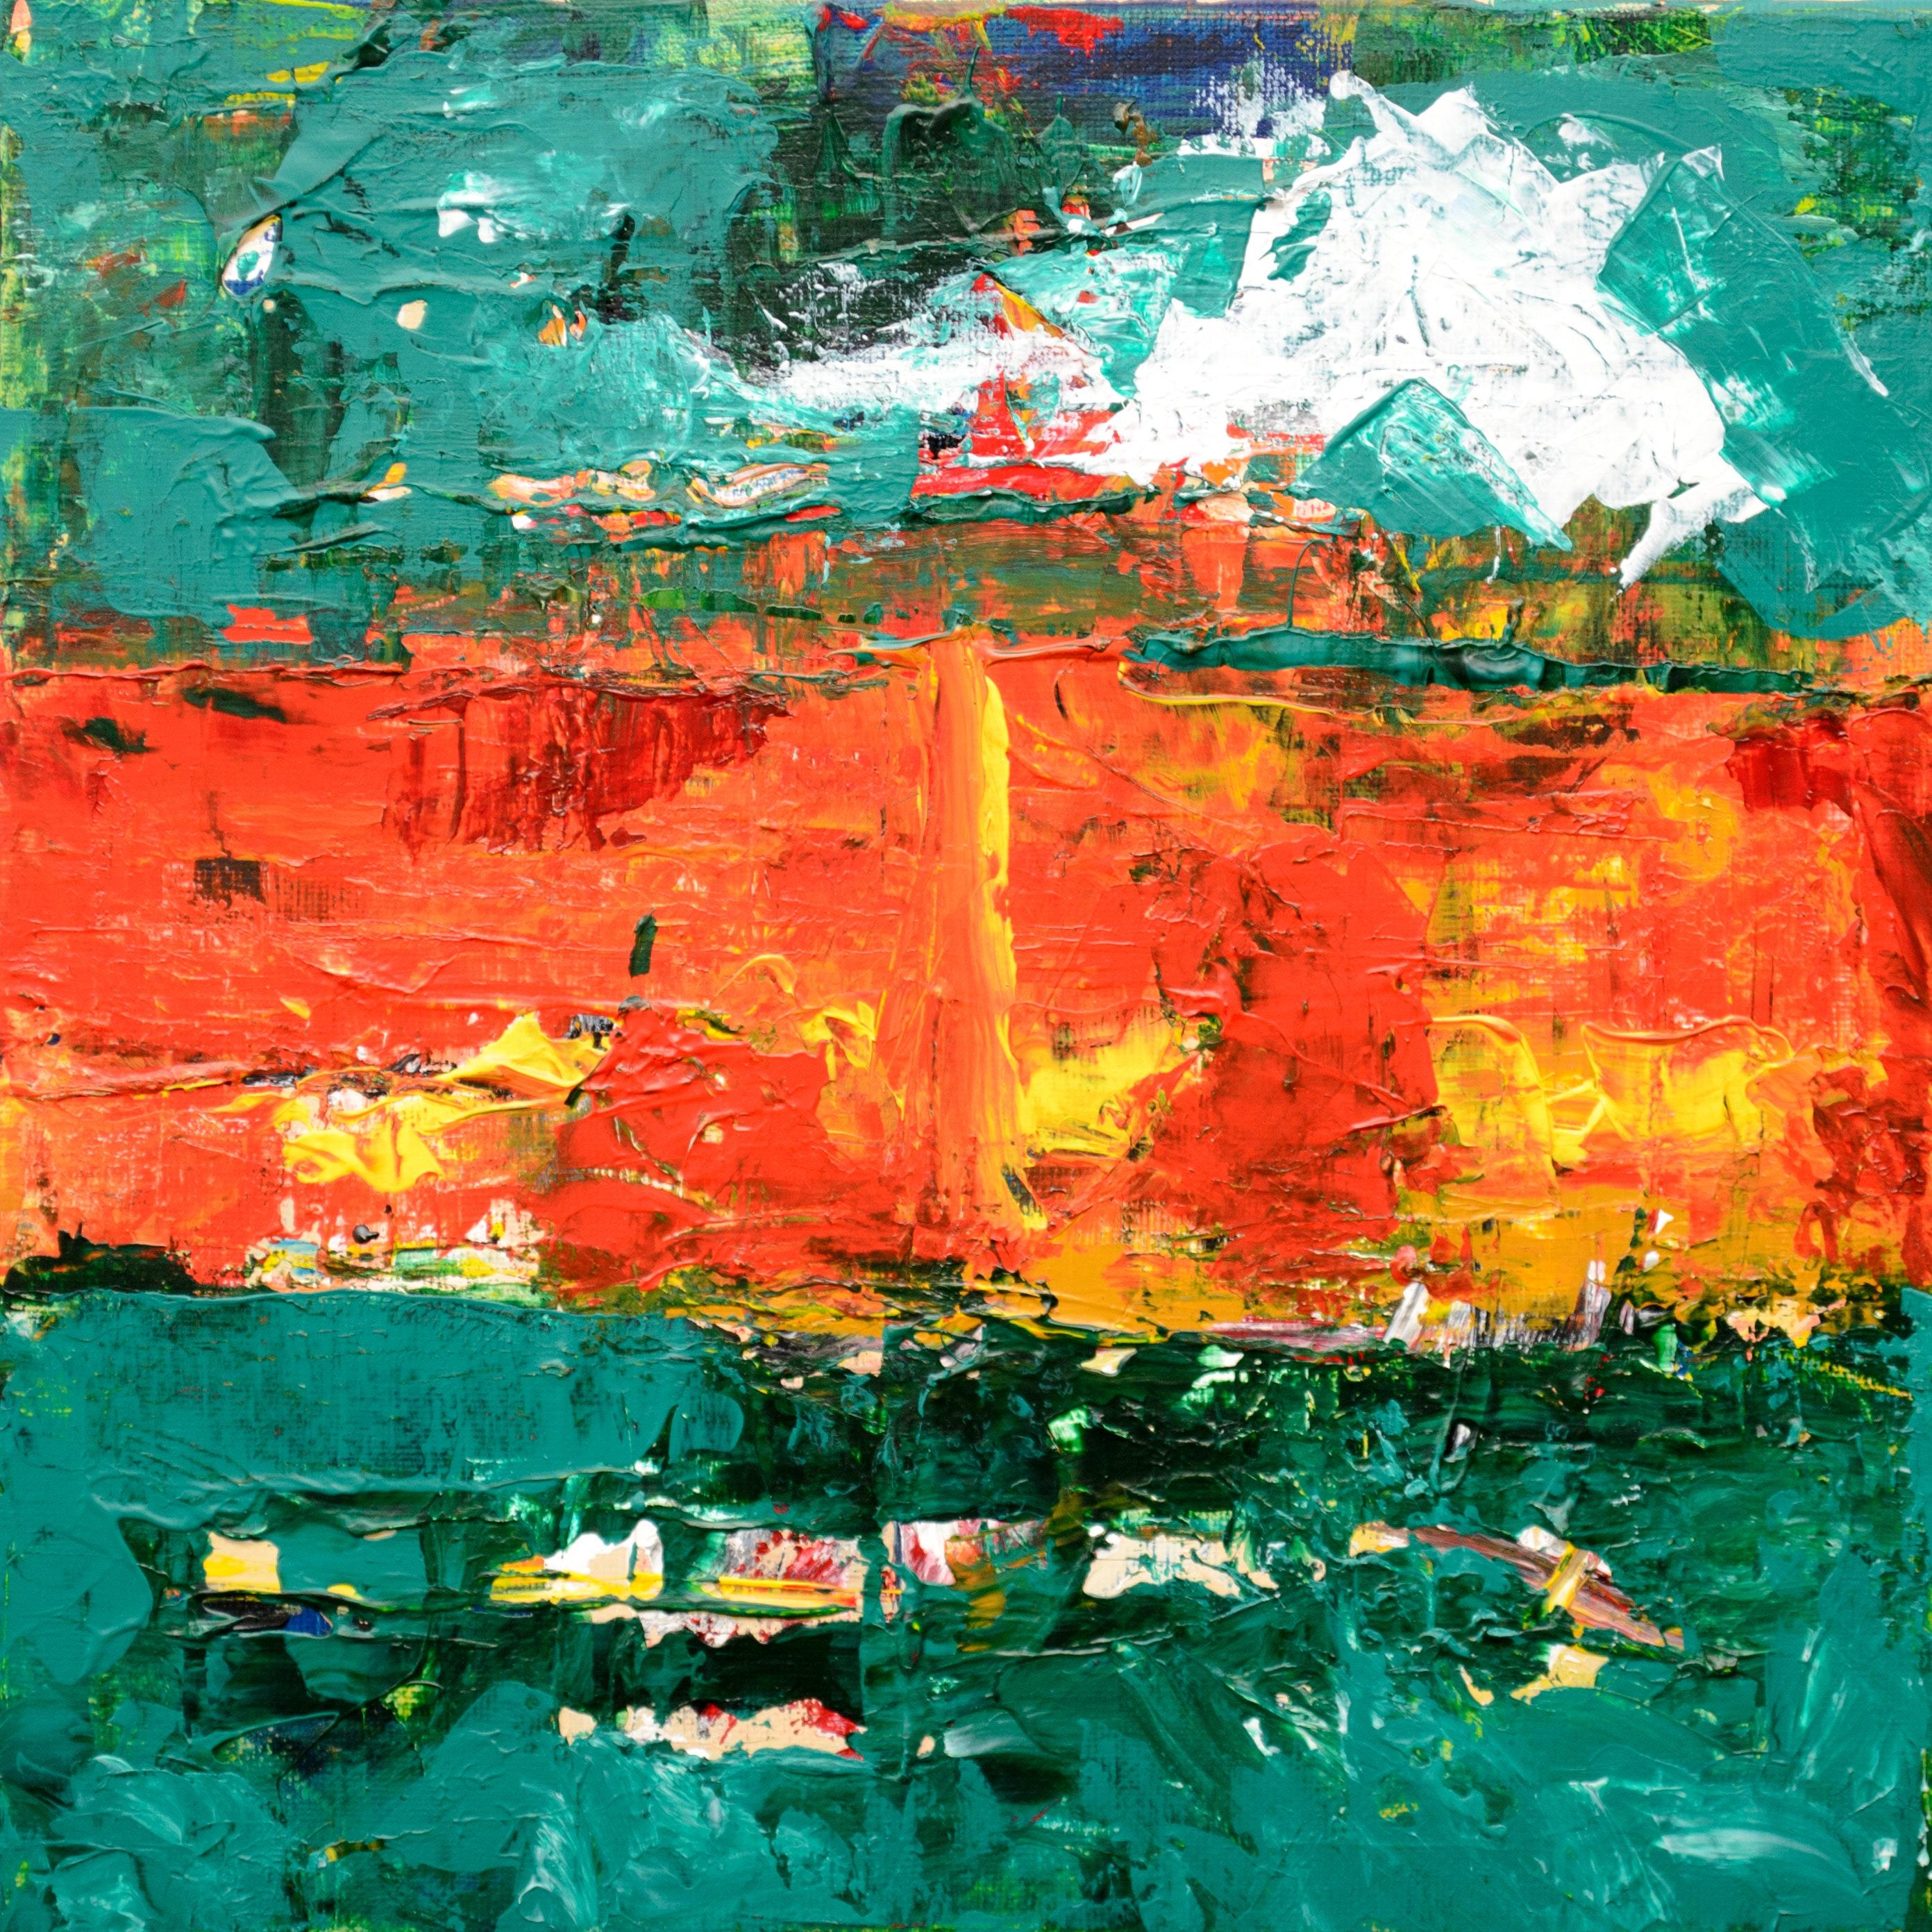 Uitgelezene Gratis Afbeeldingen : schilderij, groen, moderne kunst, acrylverf UP-56